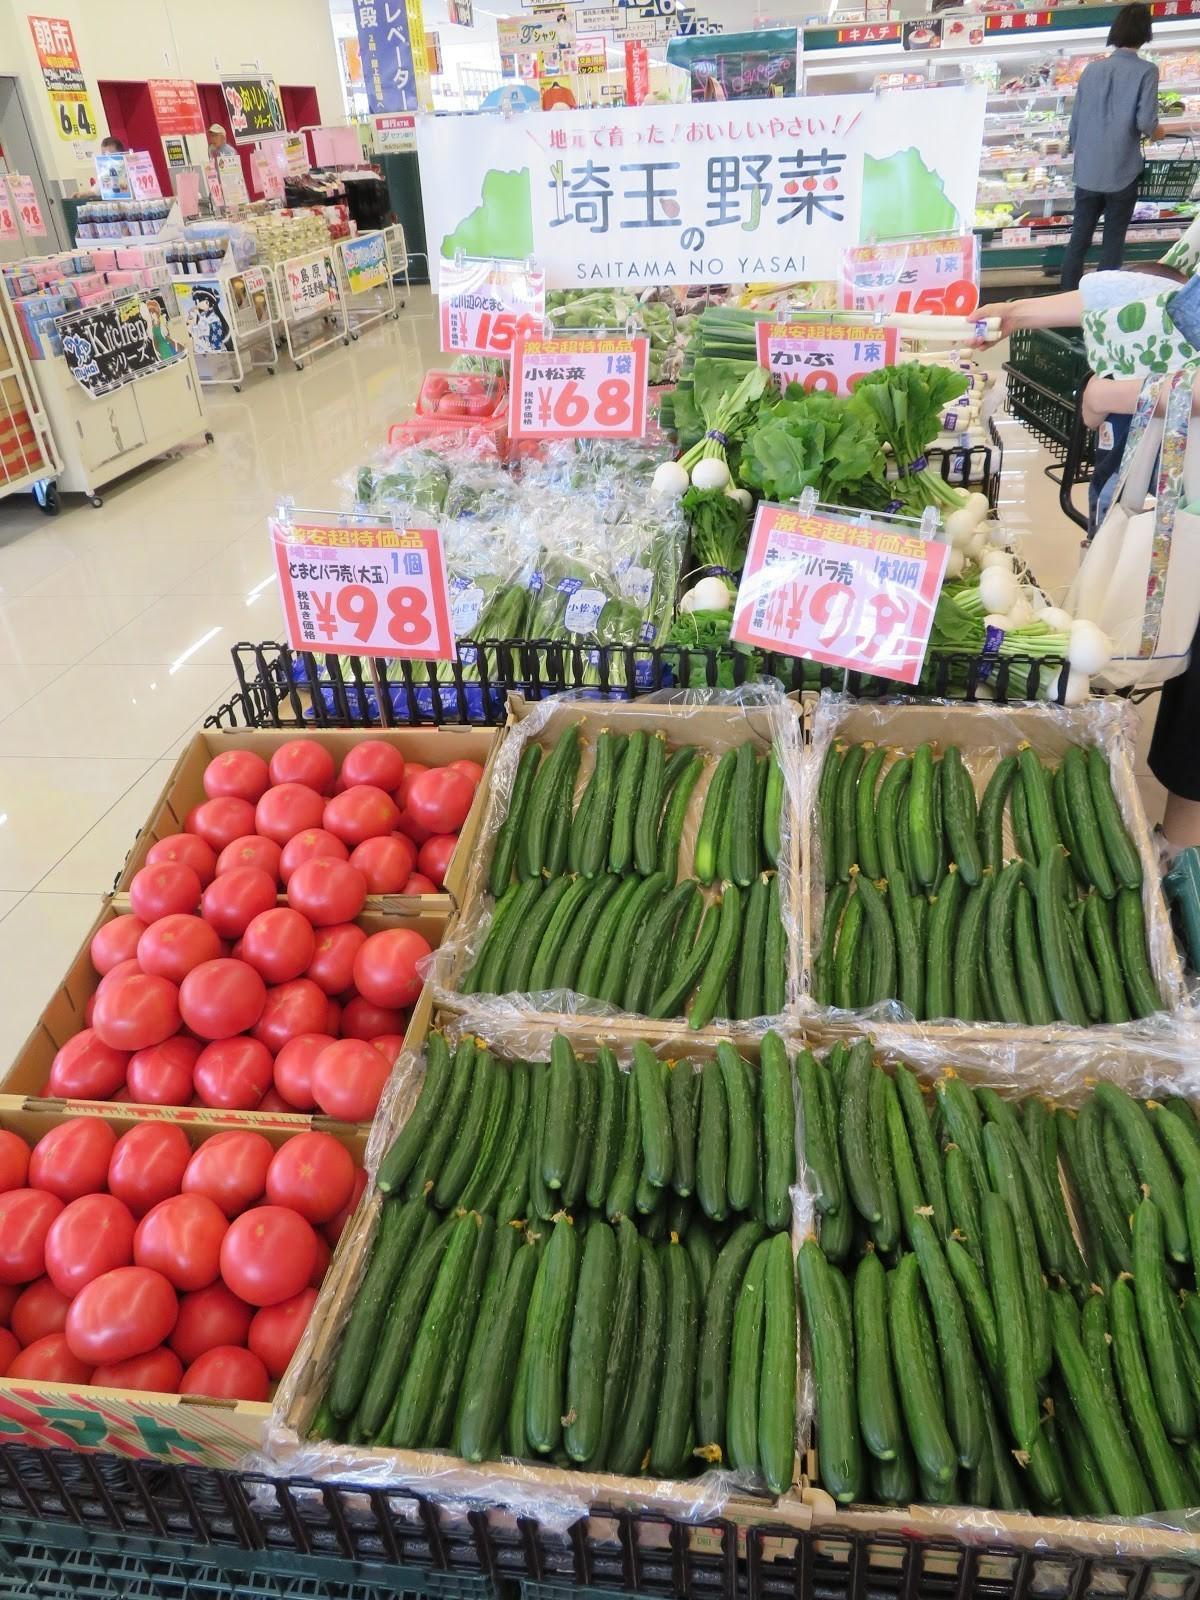 ロヂャースマート-野菜売り場